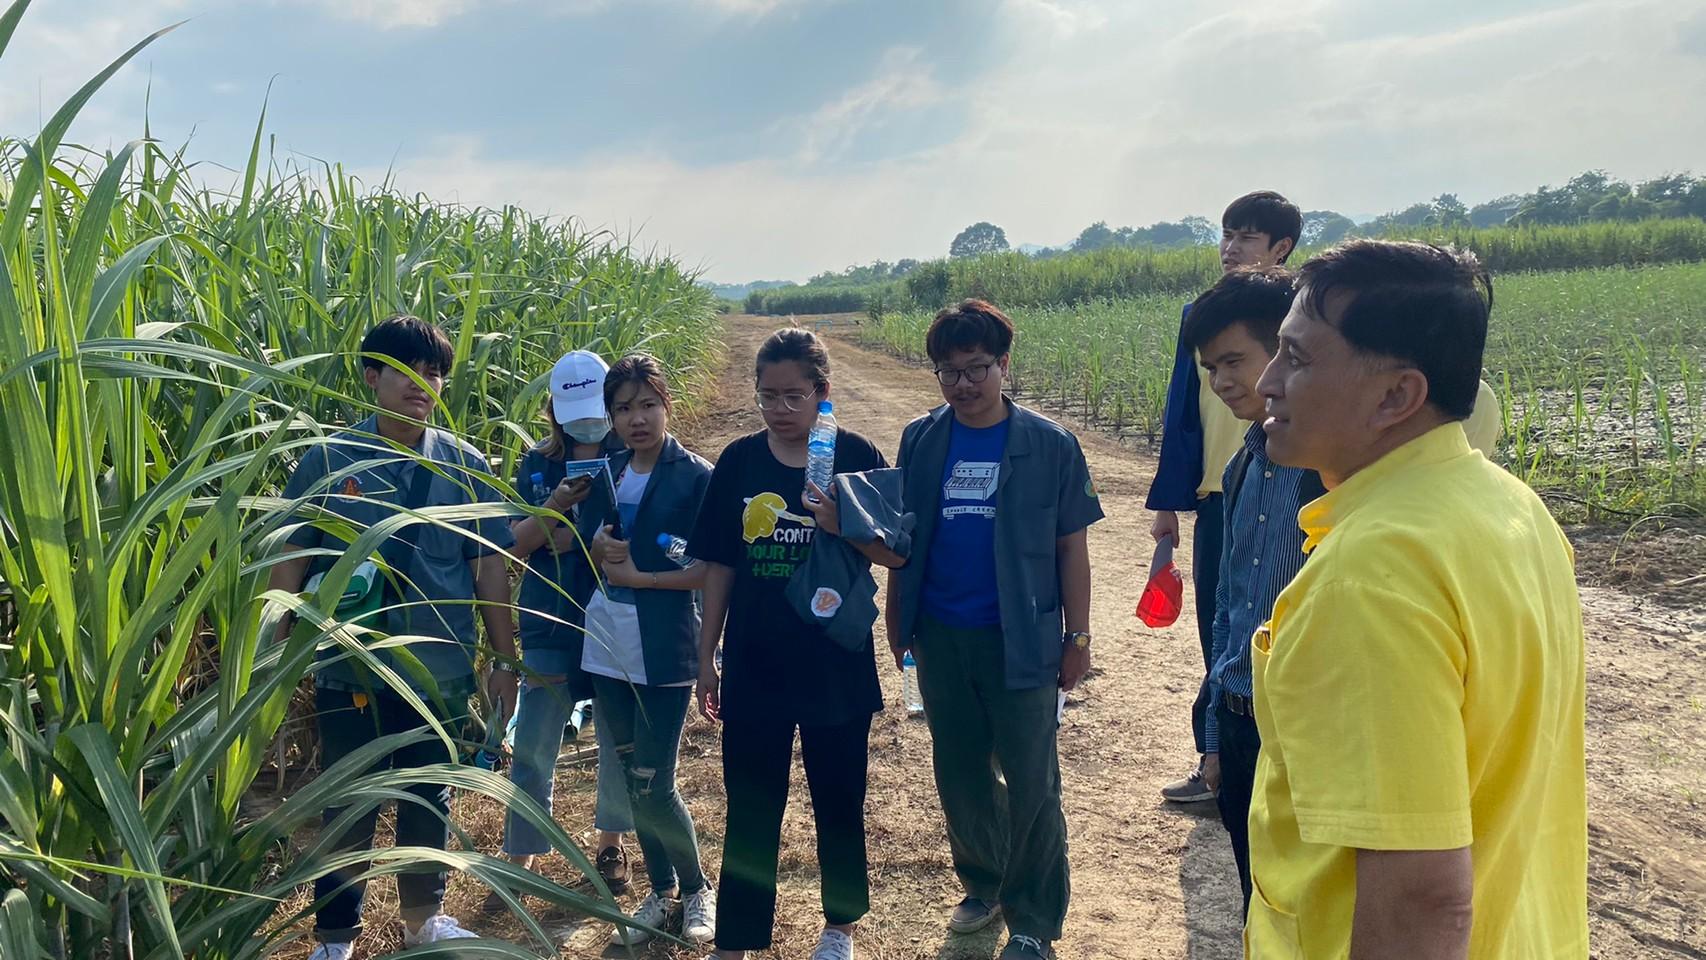 เมื่อวันที่ 10 พฤศจิกายน 2563 คณะวิทยาศาสตร์ และเทคโนโลยี มหาวิทยาลัย ธรรมศาสตร์ ศูนย์รังสิต เข้าเยี่ยมชม และศึกษาดูงาน ณ ศูยน์การปรับปรุงพันธุ์อ้อยแห่งประเทศไทย (Thailand Sugarcane Breeding Center)